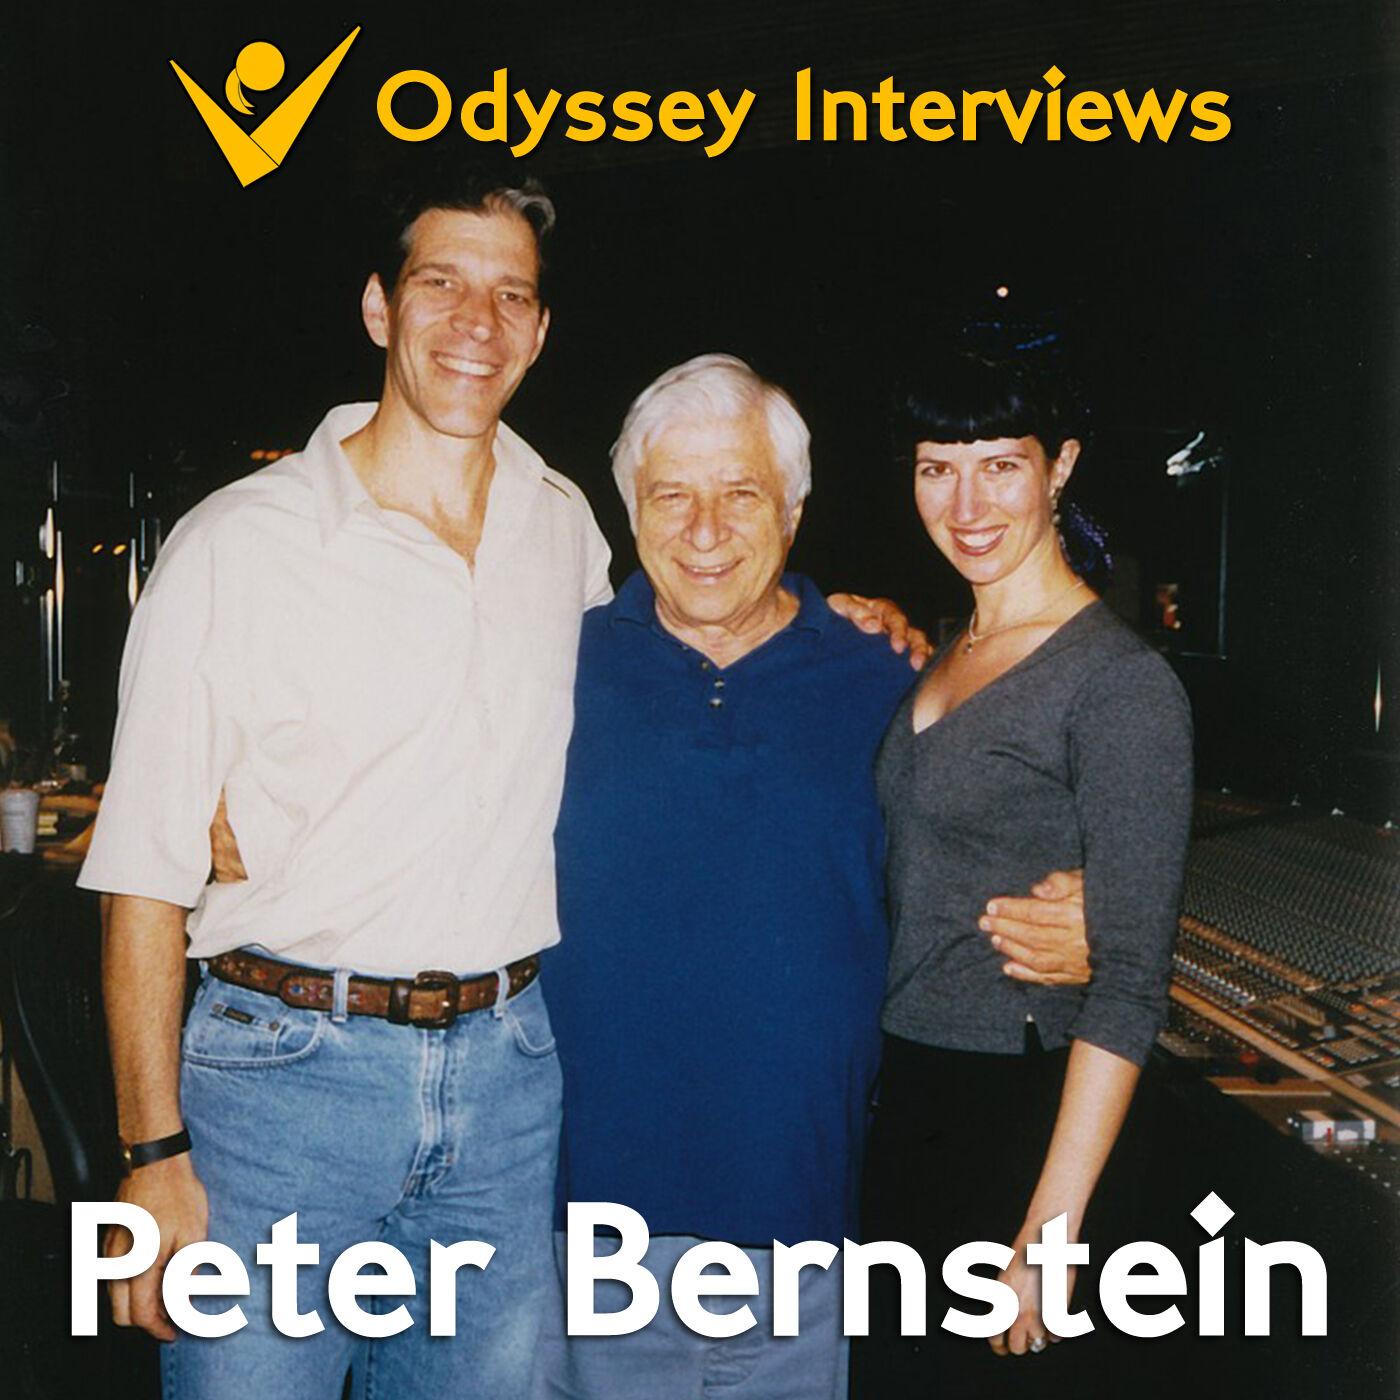 Odyssey Interviews - Peter Bernstein